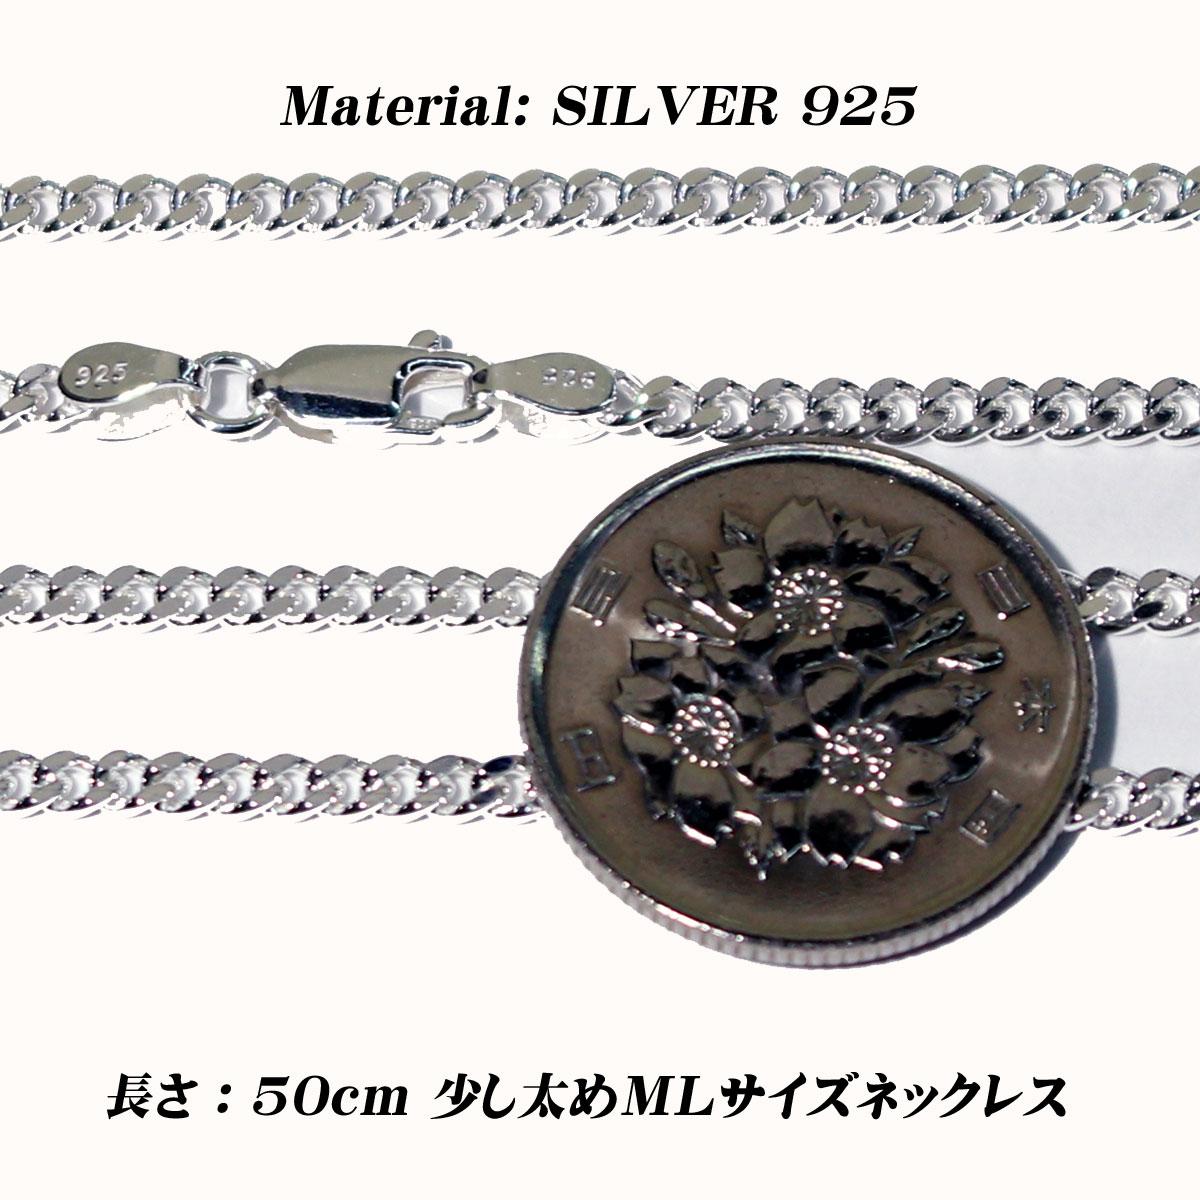 シルバー925使用 キヘイチェーン 誕生日 お祝い バディ シルバーアクセサリー シルバー925 ネックレス 約2.8mm幅 やや太め 長さ50cm シルバーショップバディ 供え